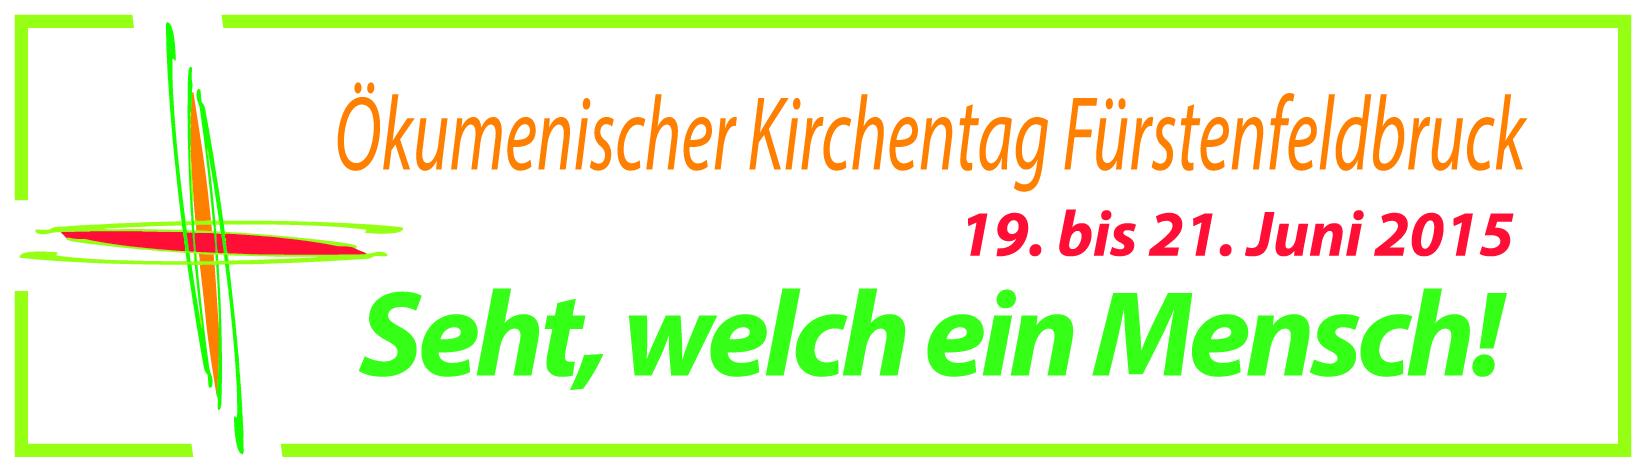 """Banner Kirchentag 2016 mit Motto: """"Seht, welch ein Mensch!"""""""